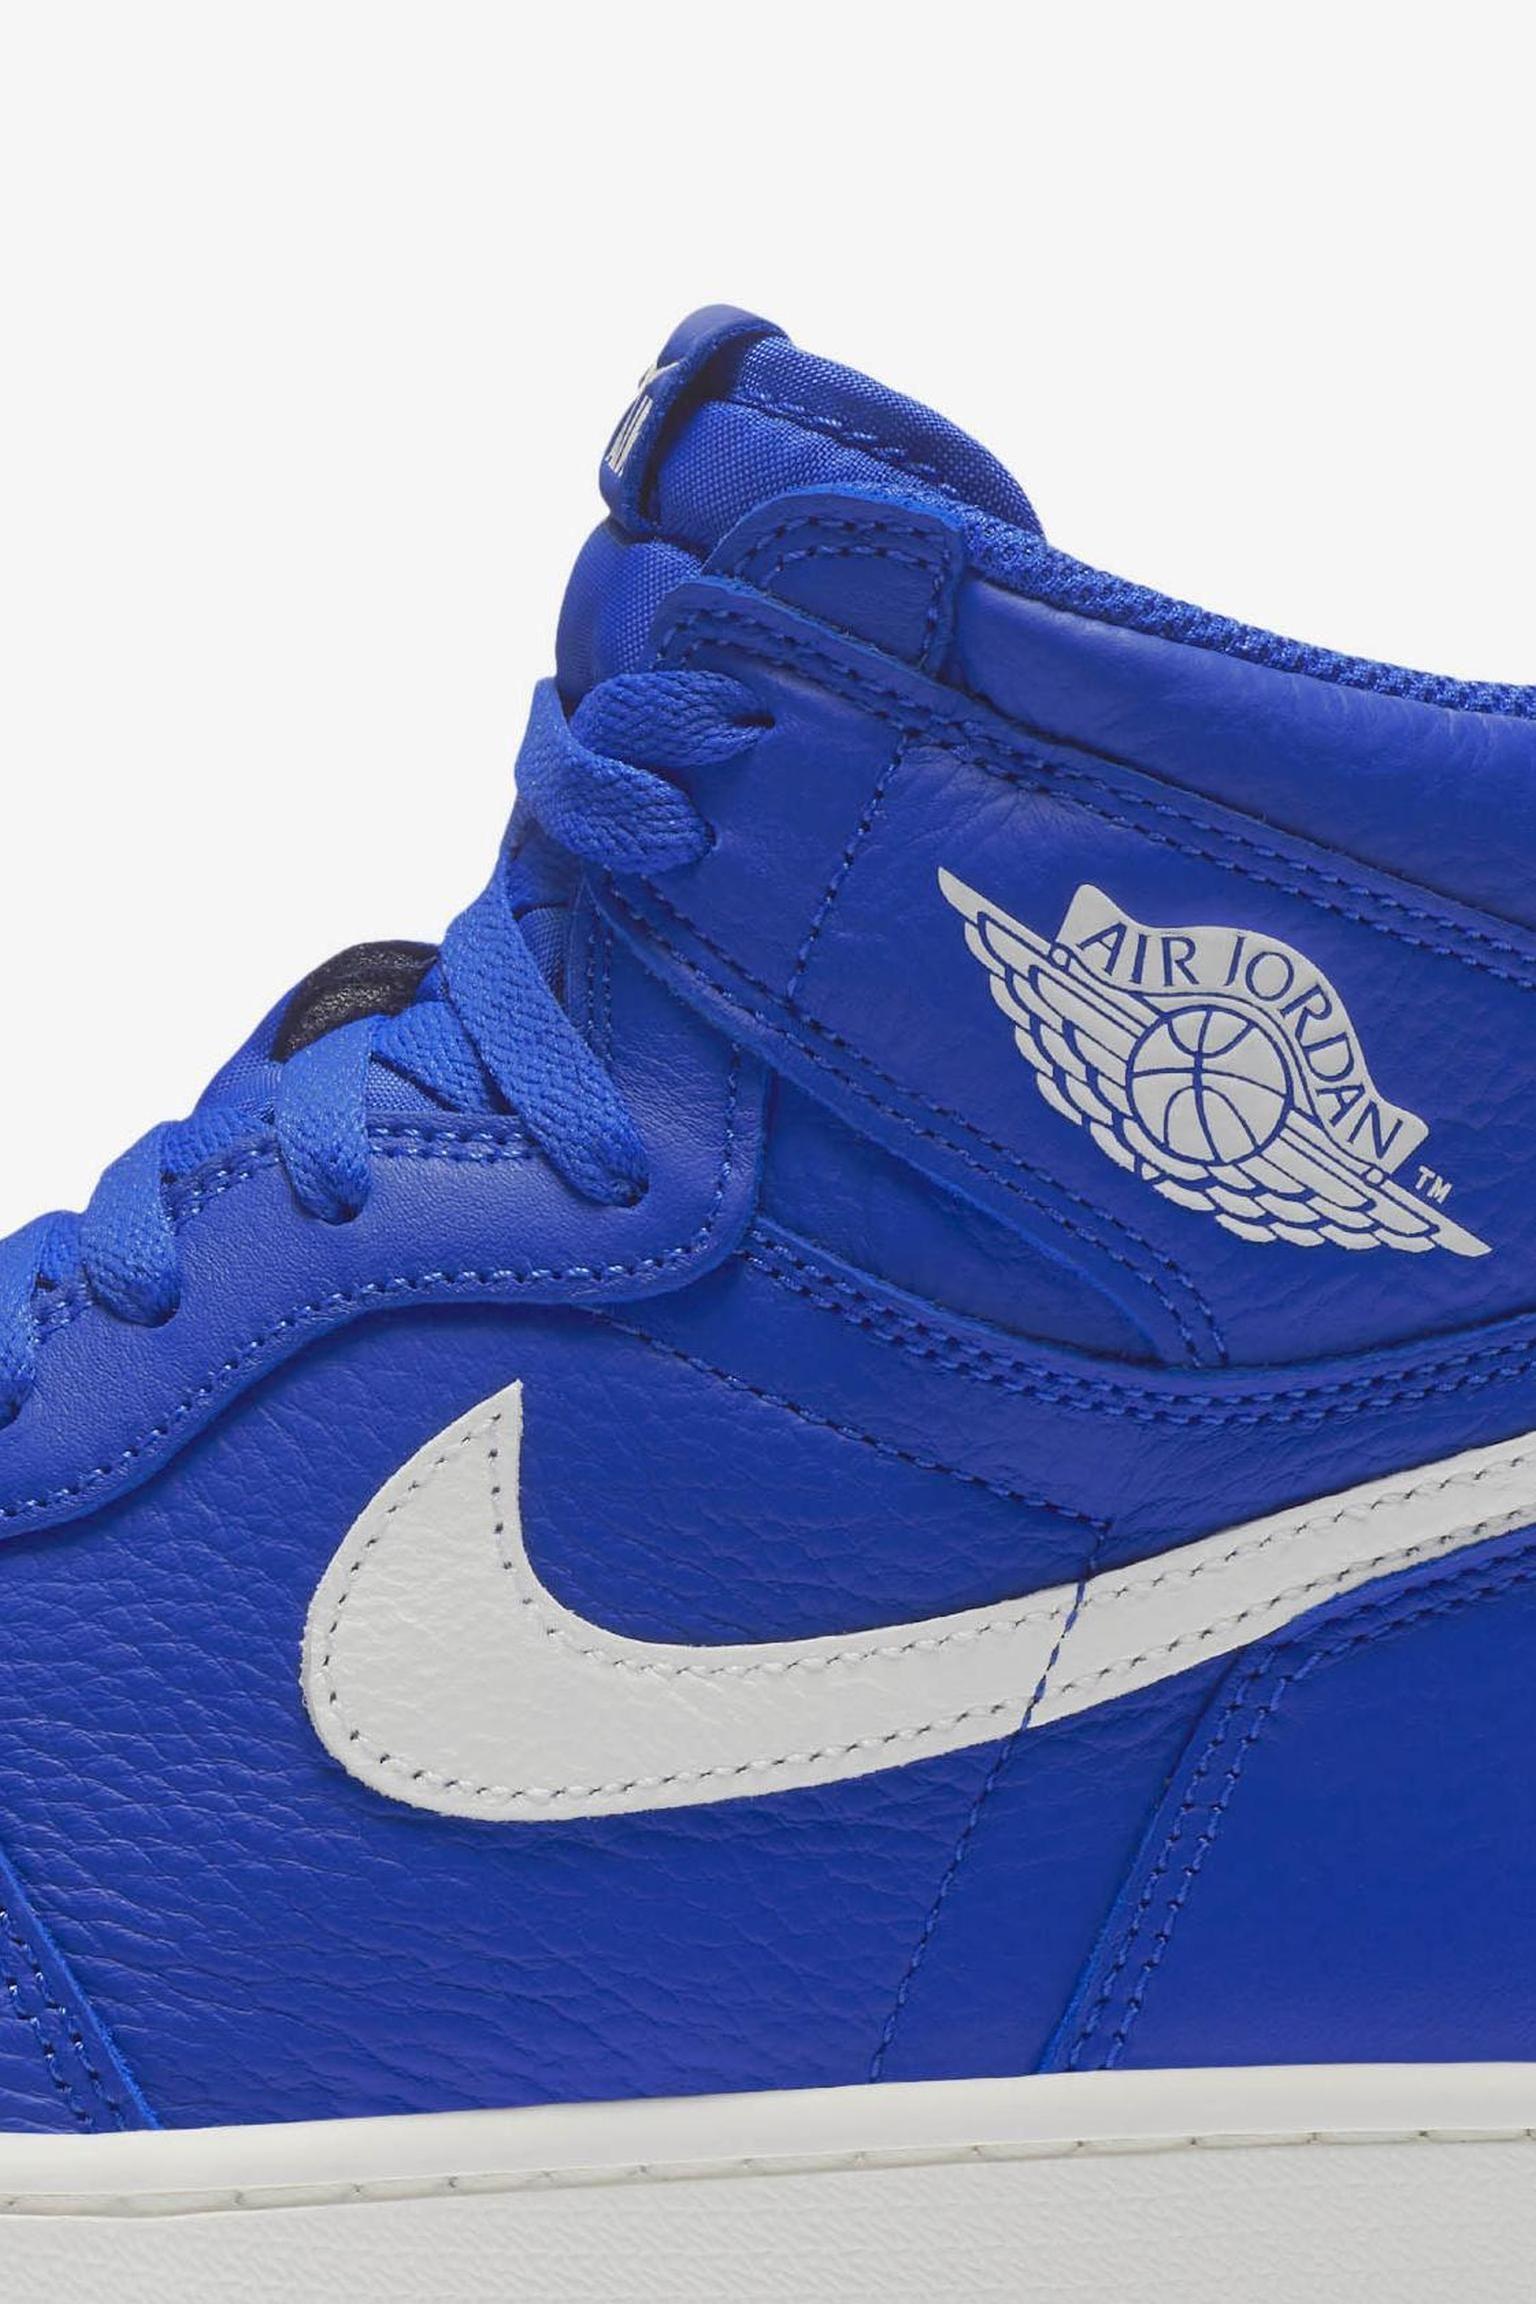 Air Jordan 1 Retro High OG  Hyper Royal   White  Release Date. Nike ... f3380a856